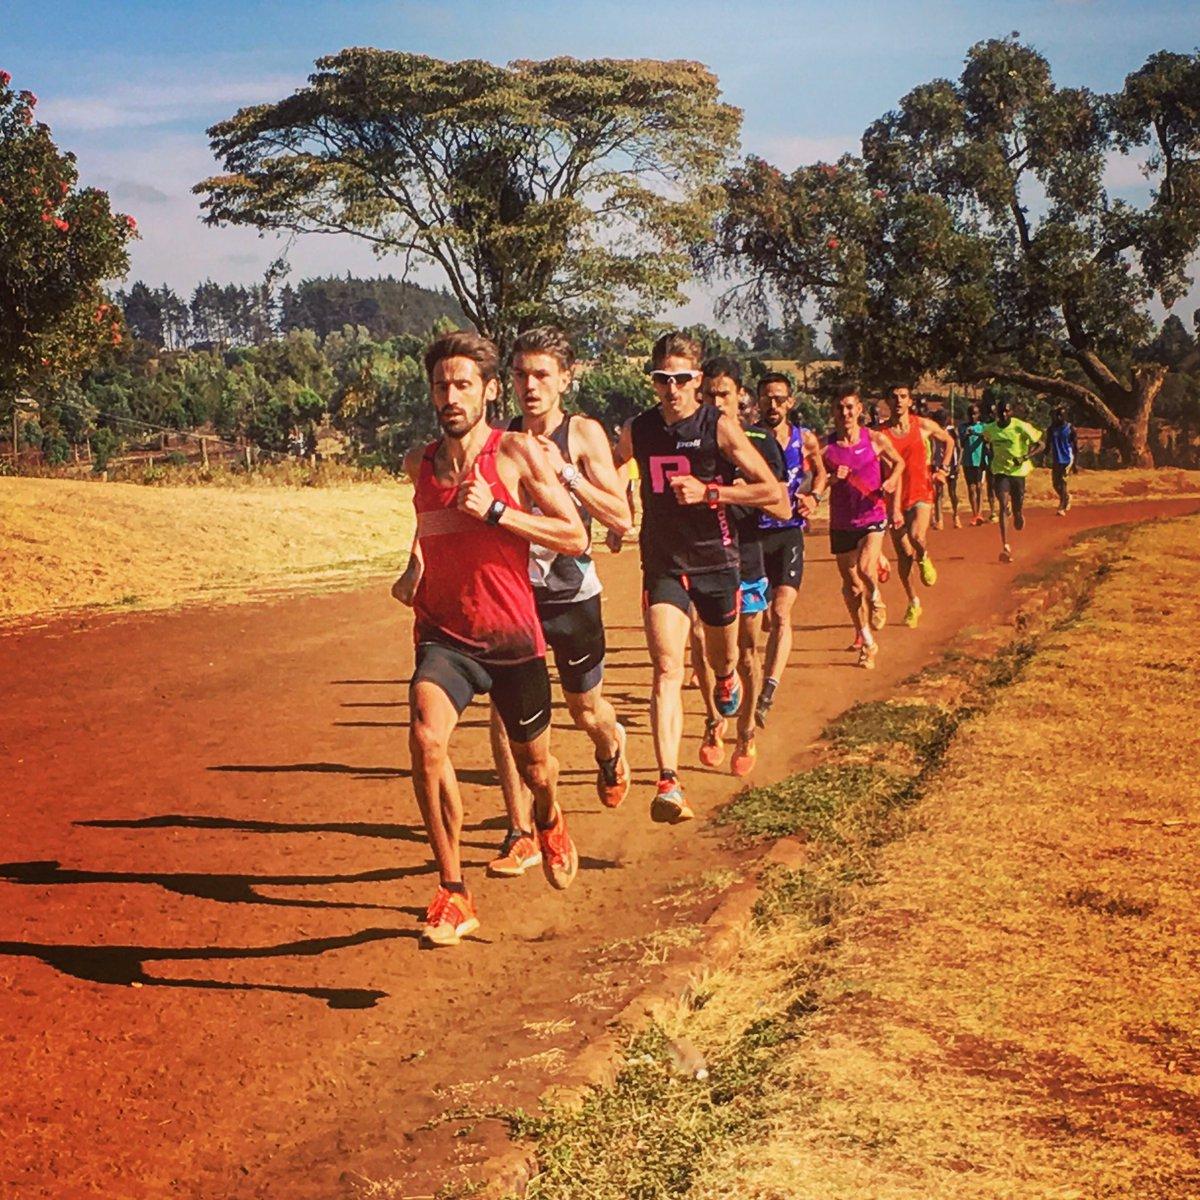 Derniere séance sur la piste mythique du Kamariny! Le kenya va me manquer. Retour en France dans 2jours. #athle #marathon #training #kenya<br>http://pic.twitter.com/DBhdT0rgme